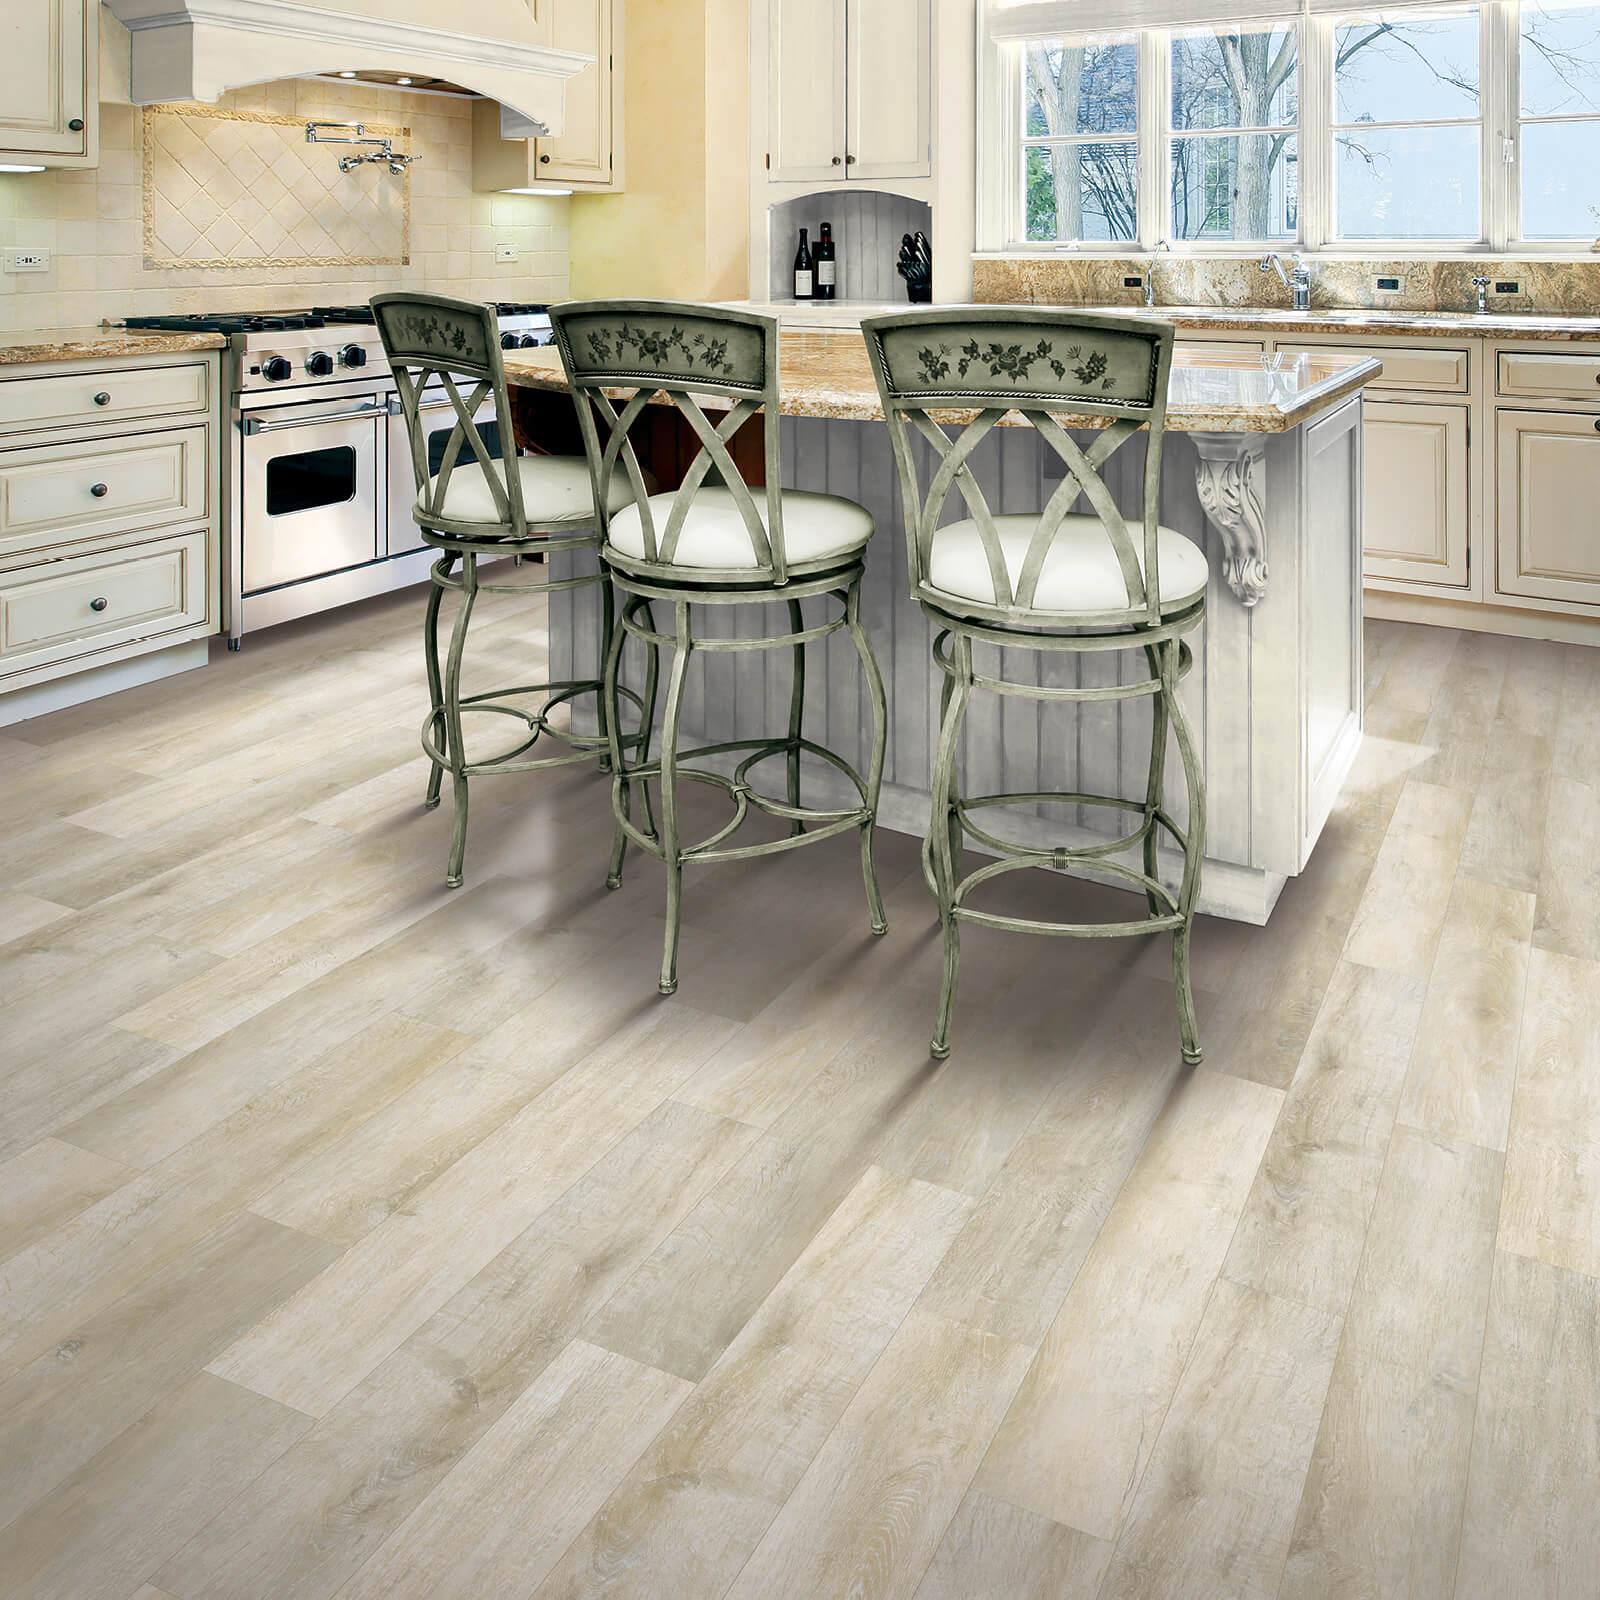 Hardwood flooring | Flooring by Wilson's Carpet Plus